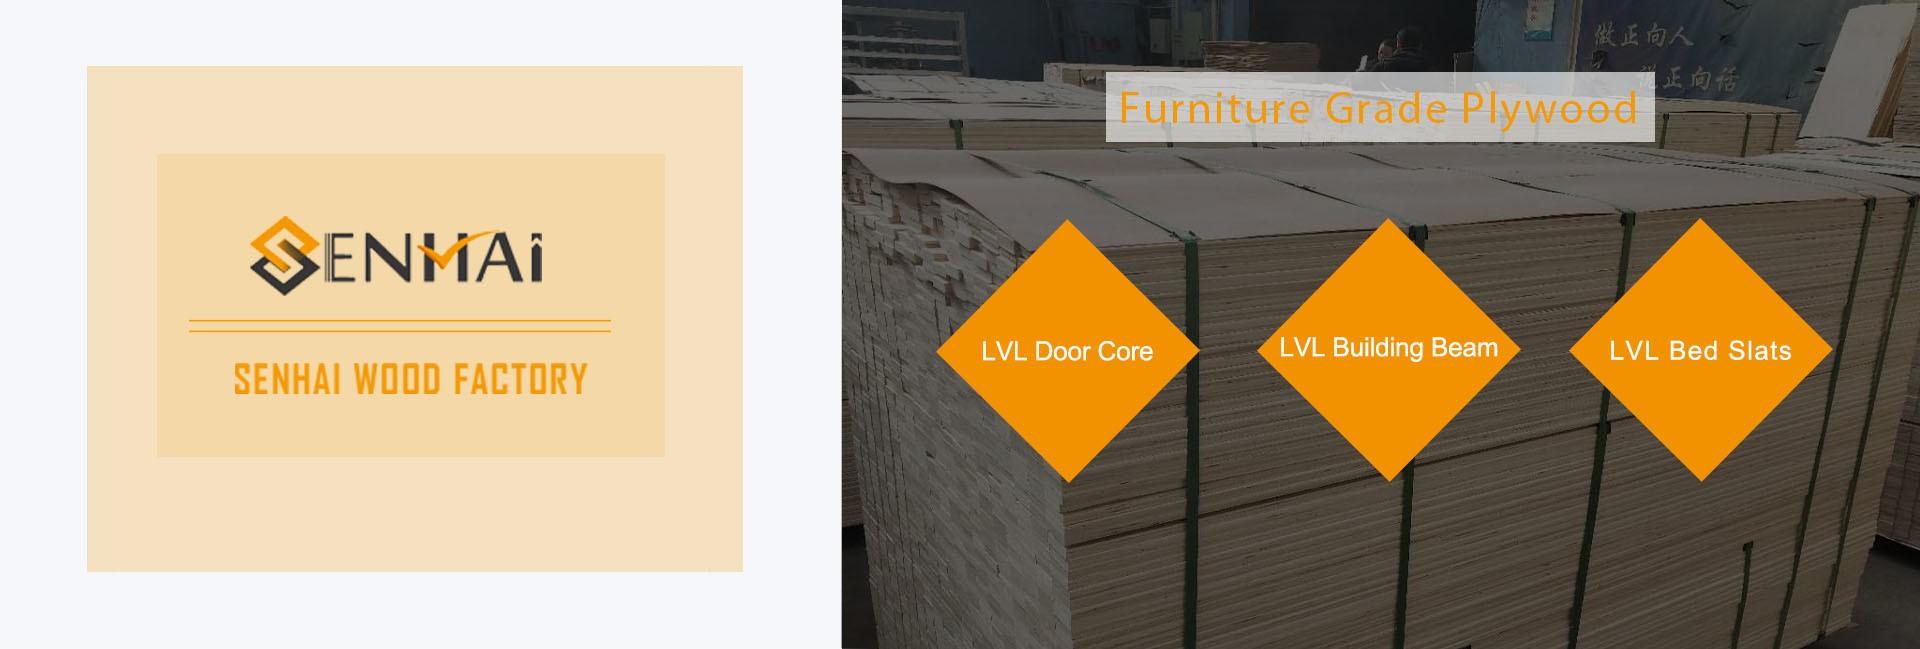 LVL Furniture Frame